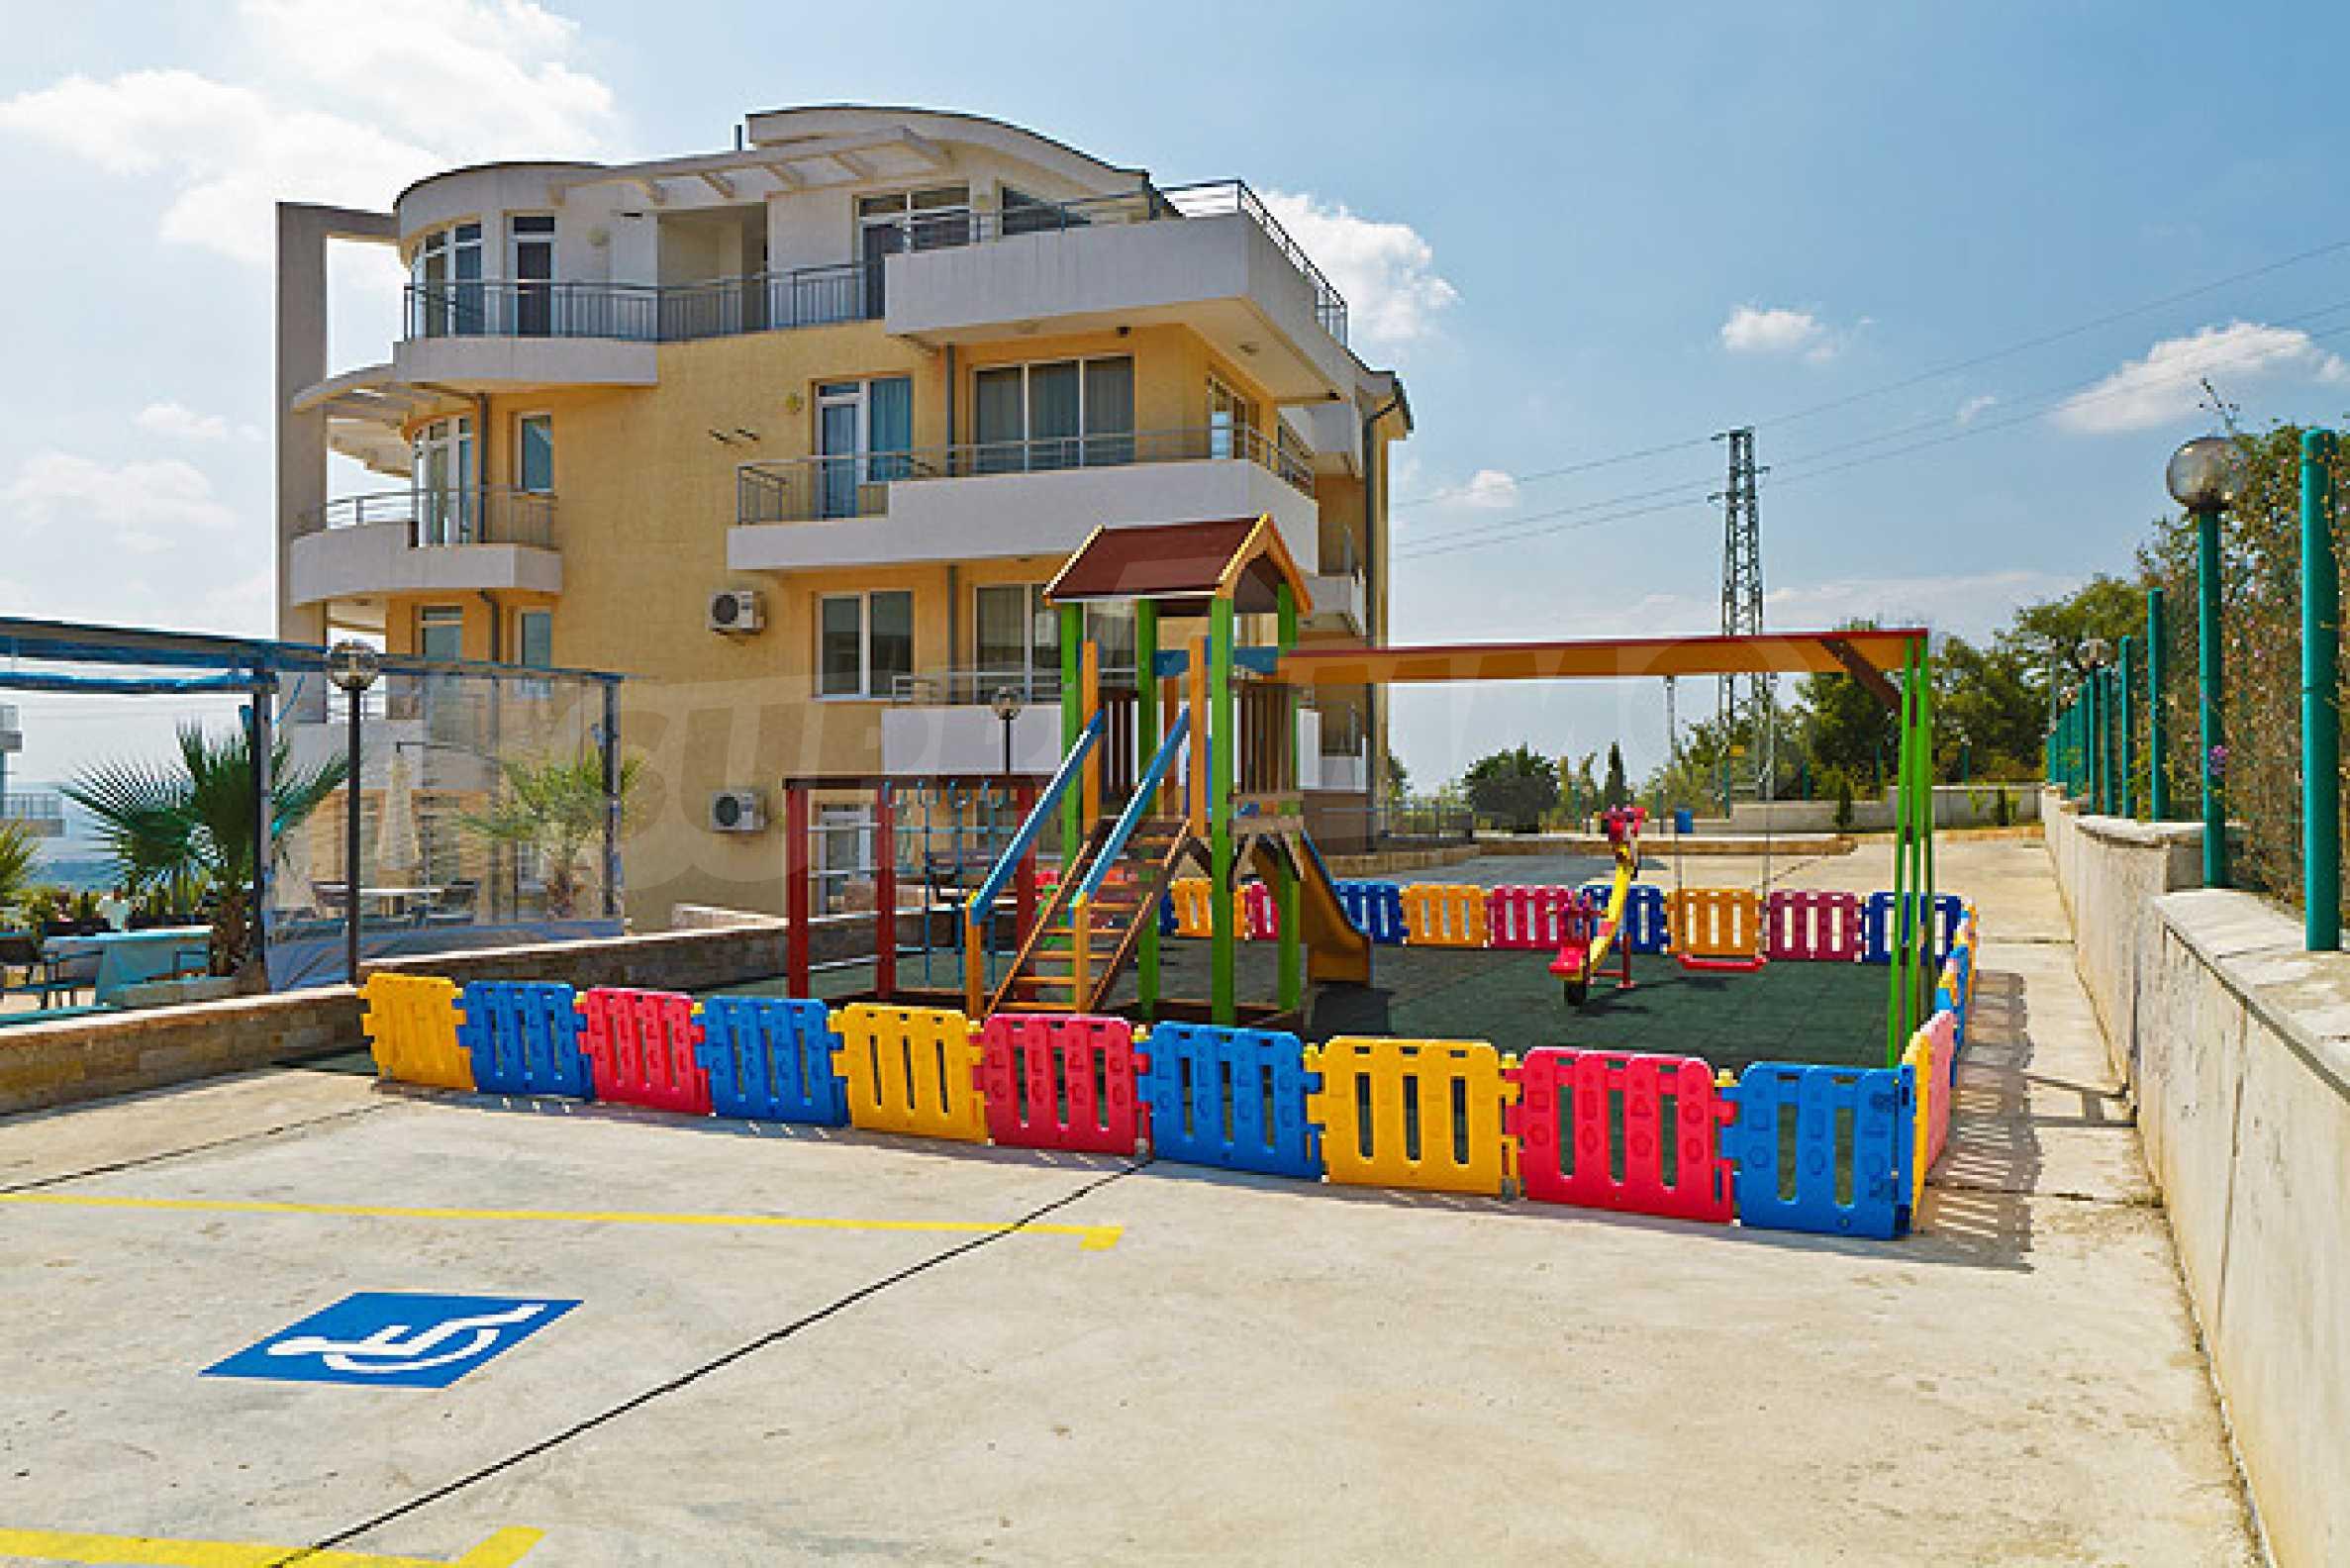 Sunset Kosharitsa - Apartments in einem attraktiven Berg- und Seekomplex, 5 Autominuten vom Sonnenstrand entfernt 37